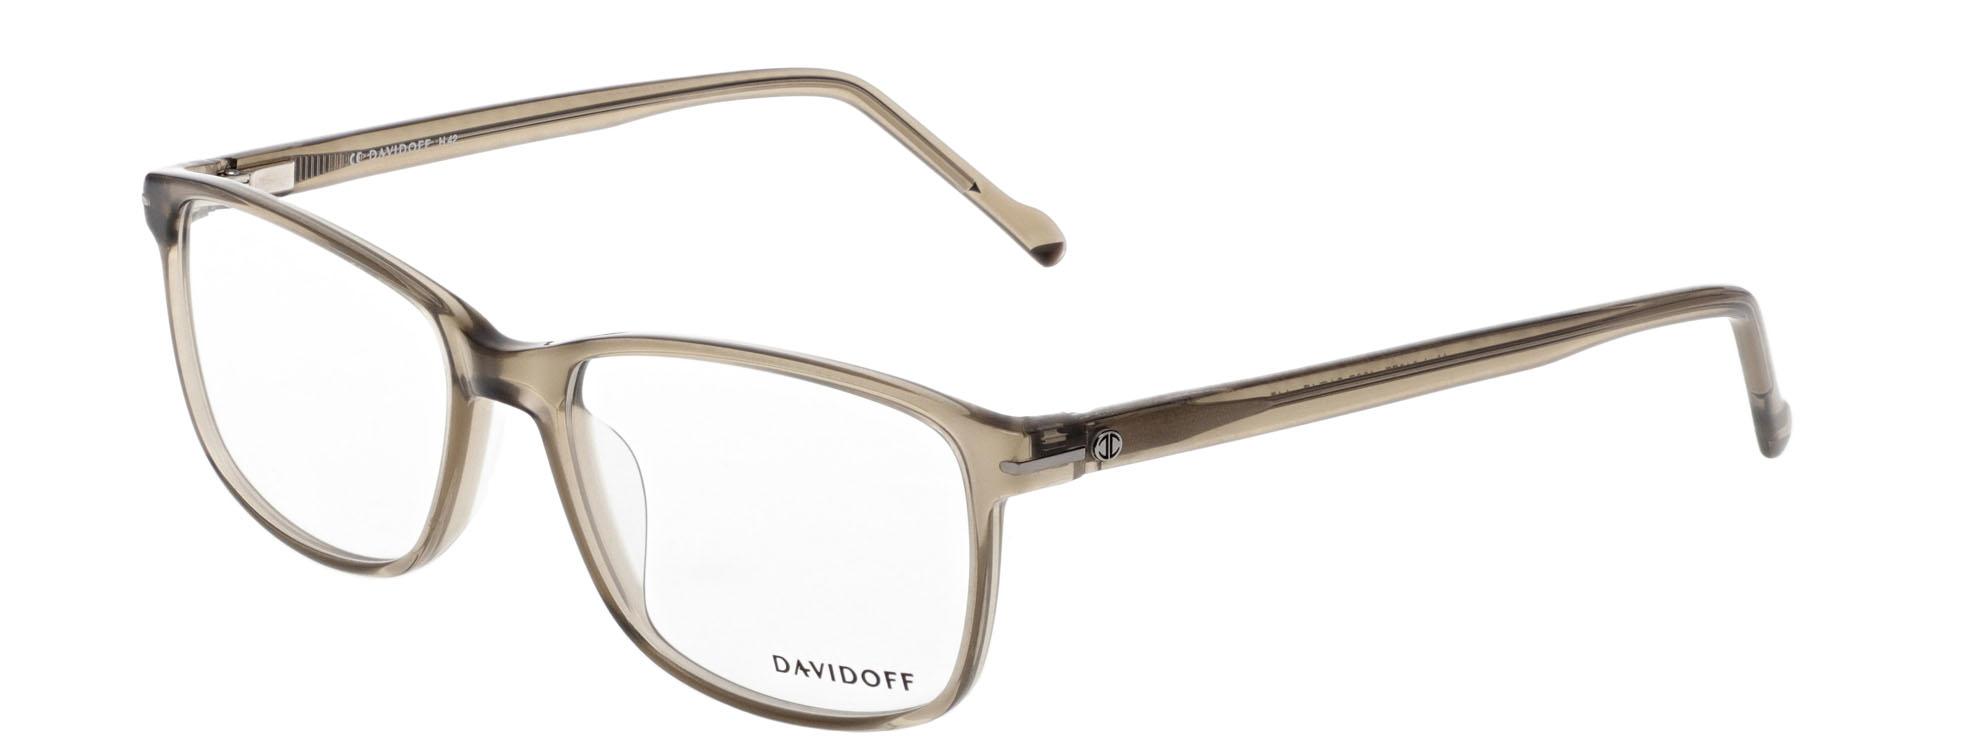 Davidoff 91077 4827